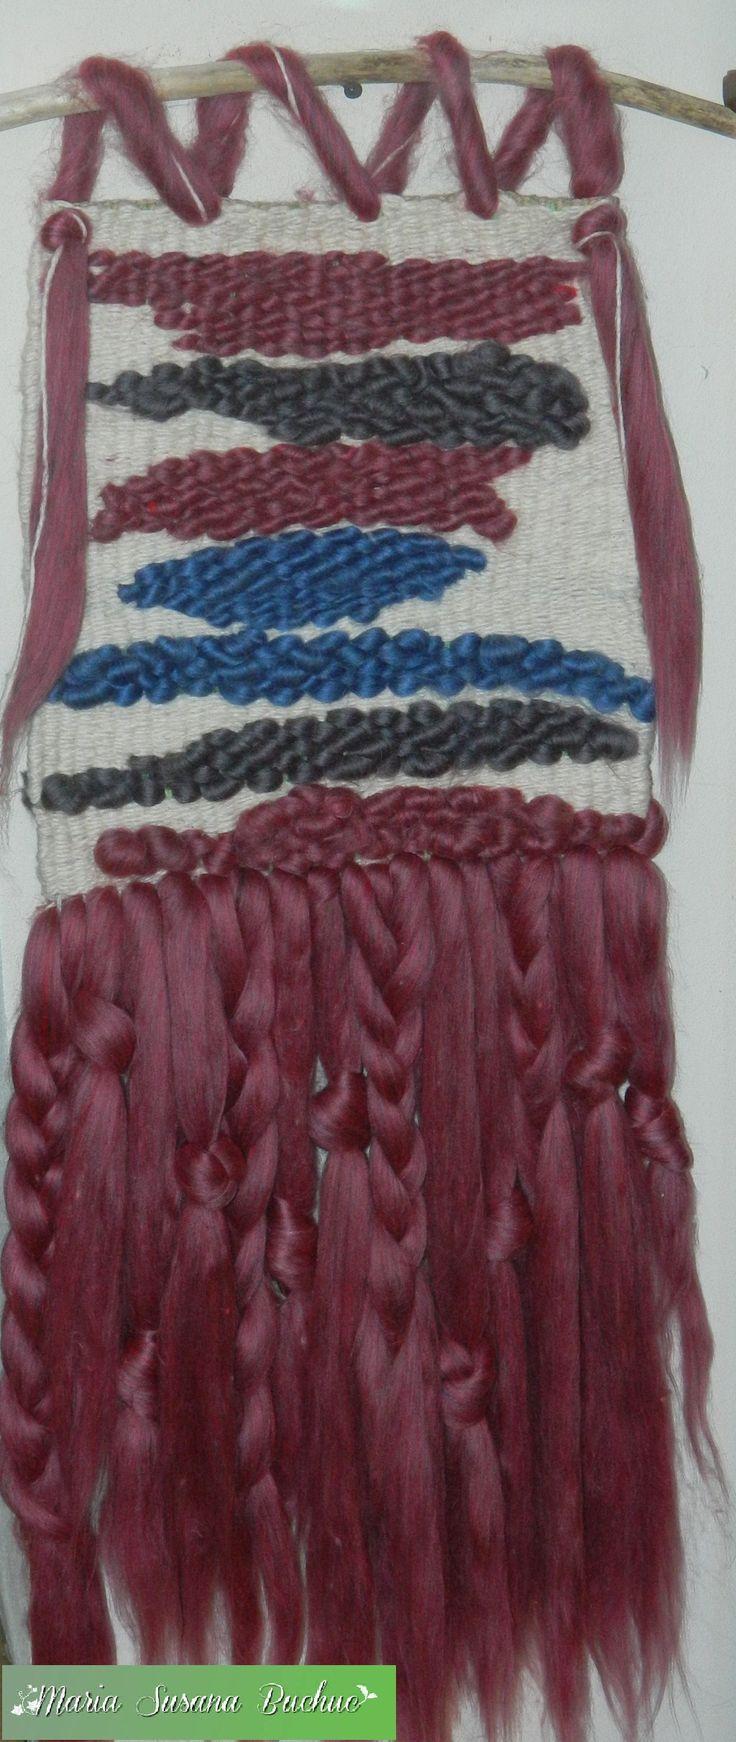 Tapiz artesanal confeccionado con técnica Alto Liso por María S. Buchuc. Con lanas rústicas y madera de la Patagonia.